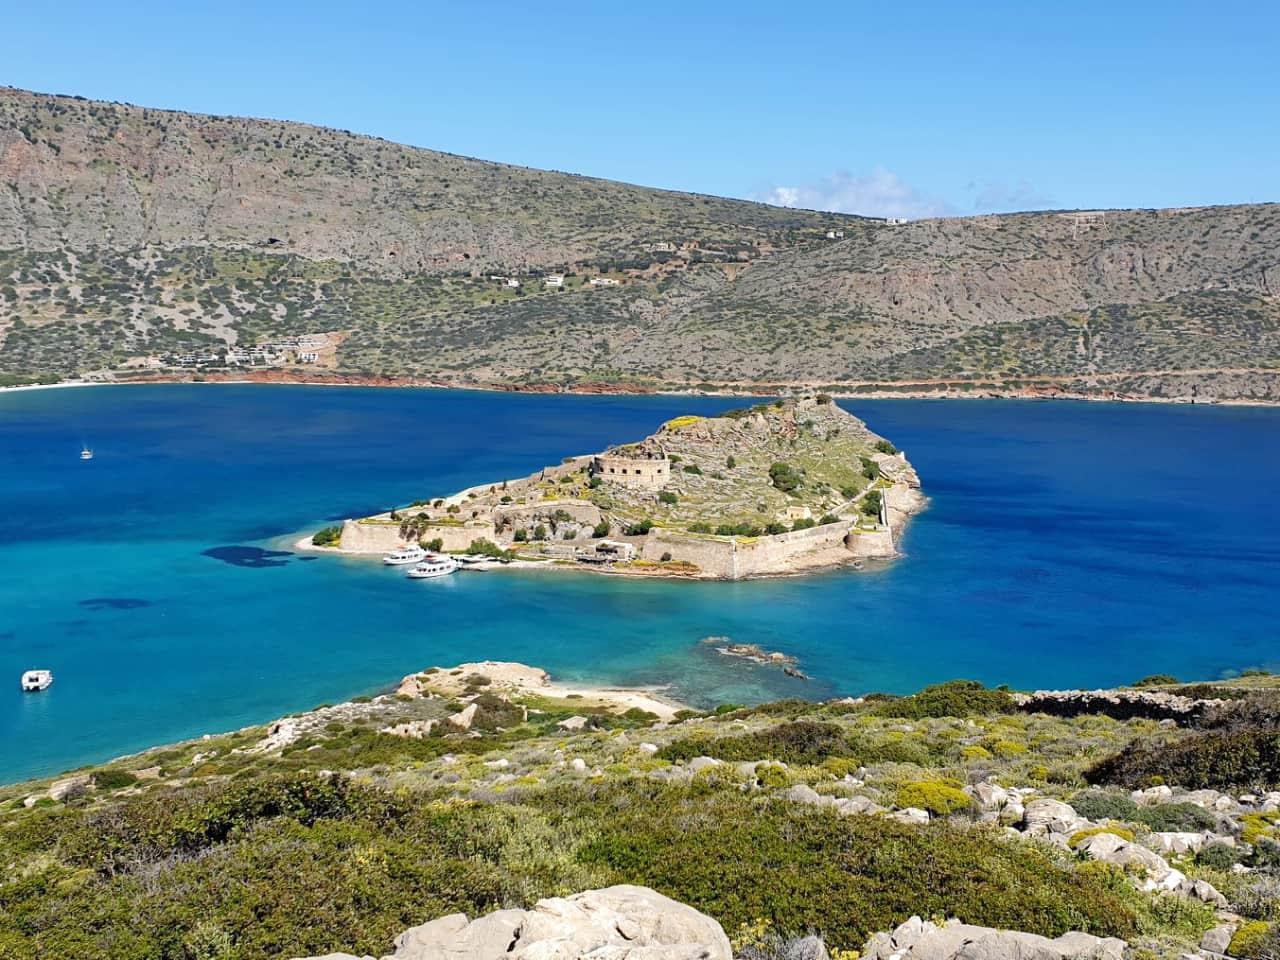 Daily Yacht Cruise To Kolokitha Island & Spinalonga in Crete, boat trips elounda spinalonga, boat cruises east crete, best yacht cruise spinalonga kolokitha crete, elounda things to do, elounda village best activities, travel tips elounda village